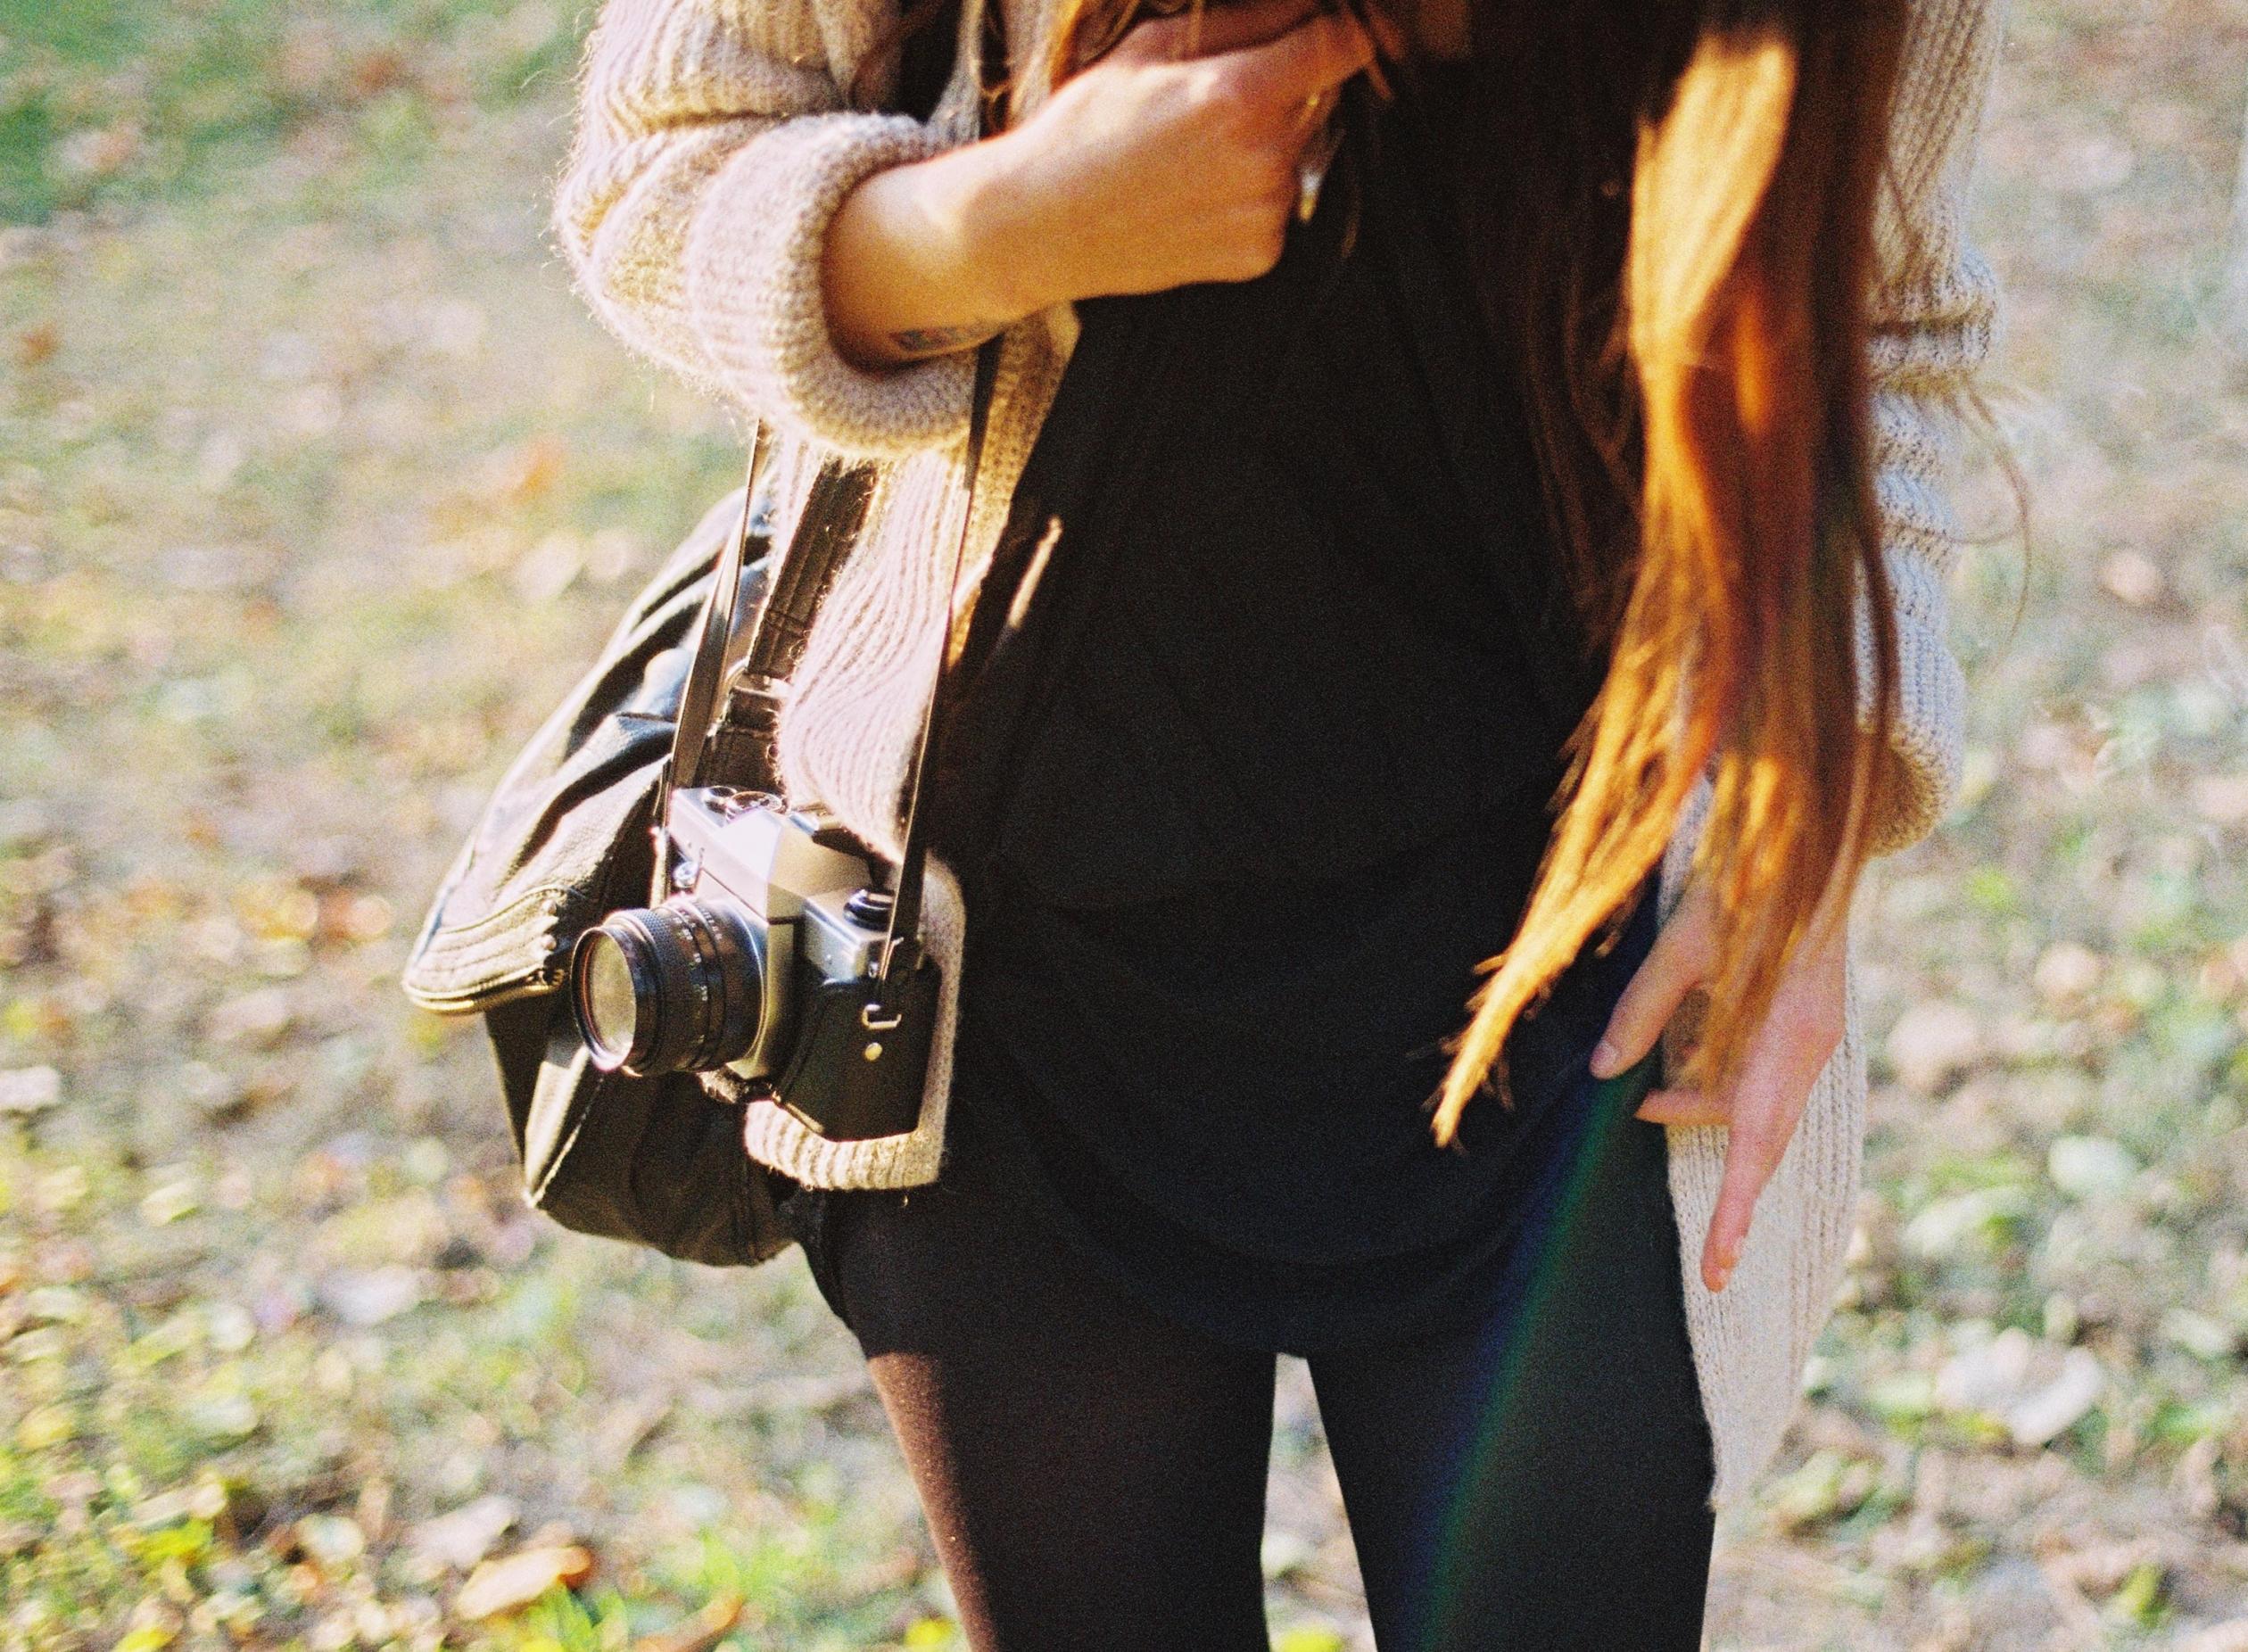 Mujer que sostiene una cámara caminando en un campo